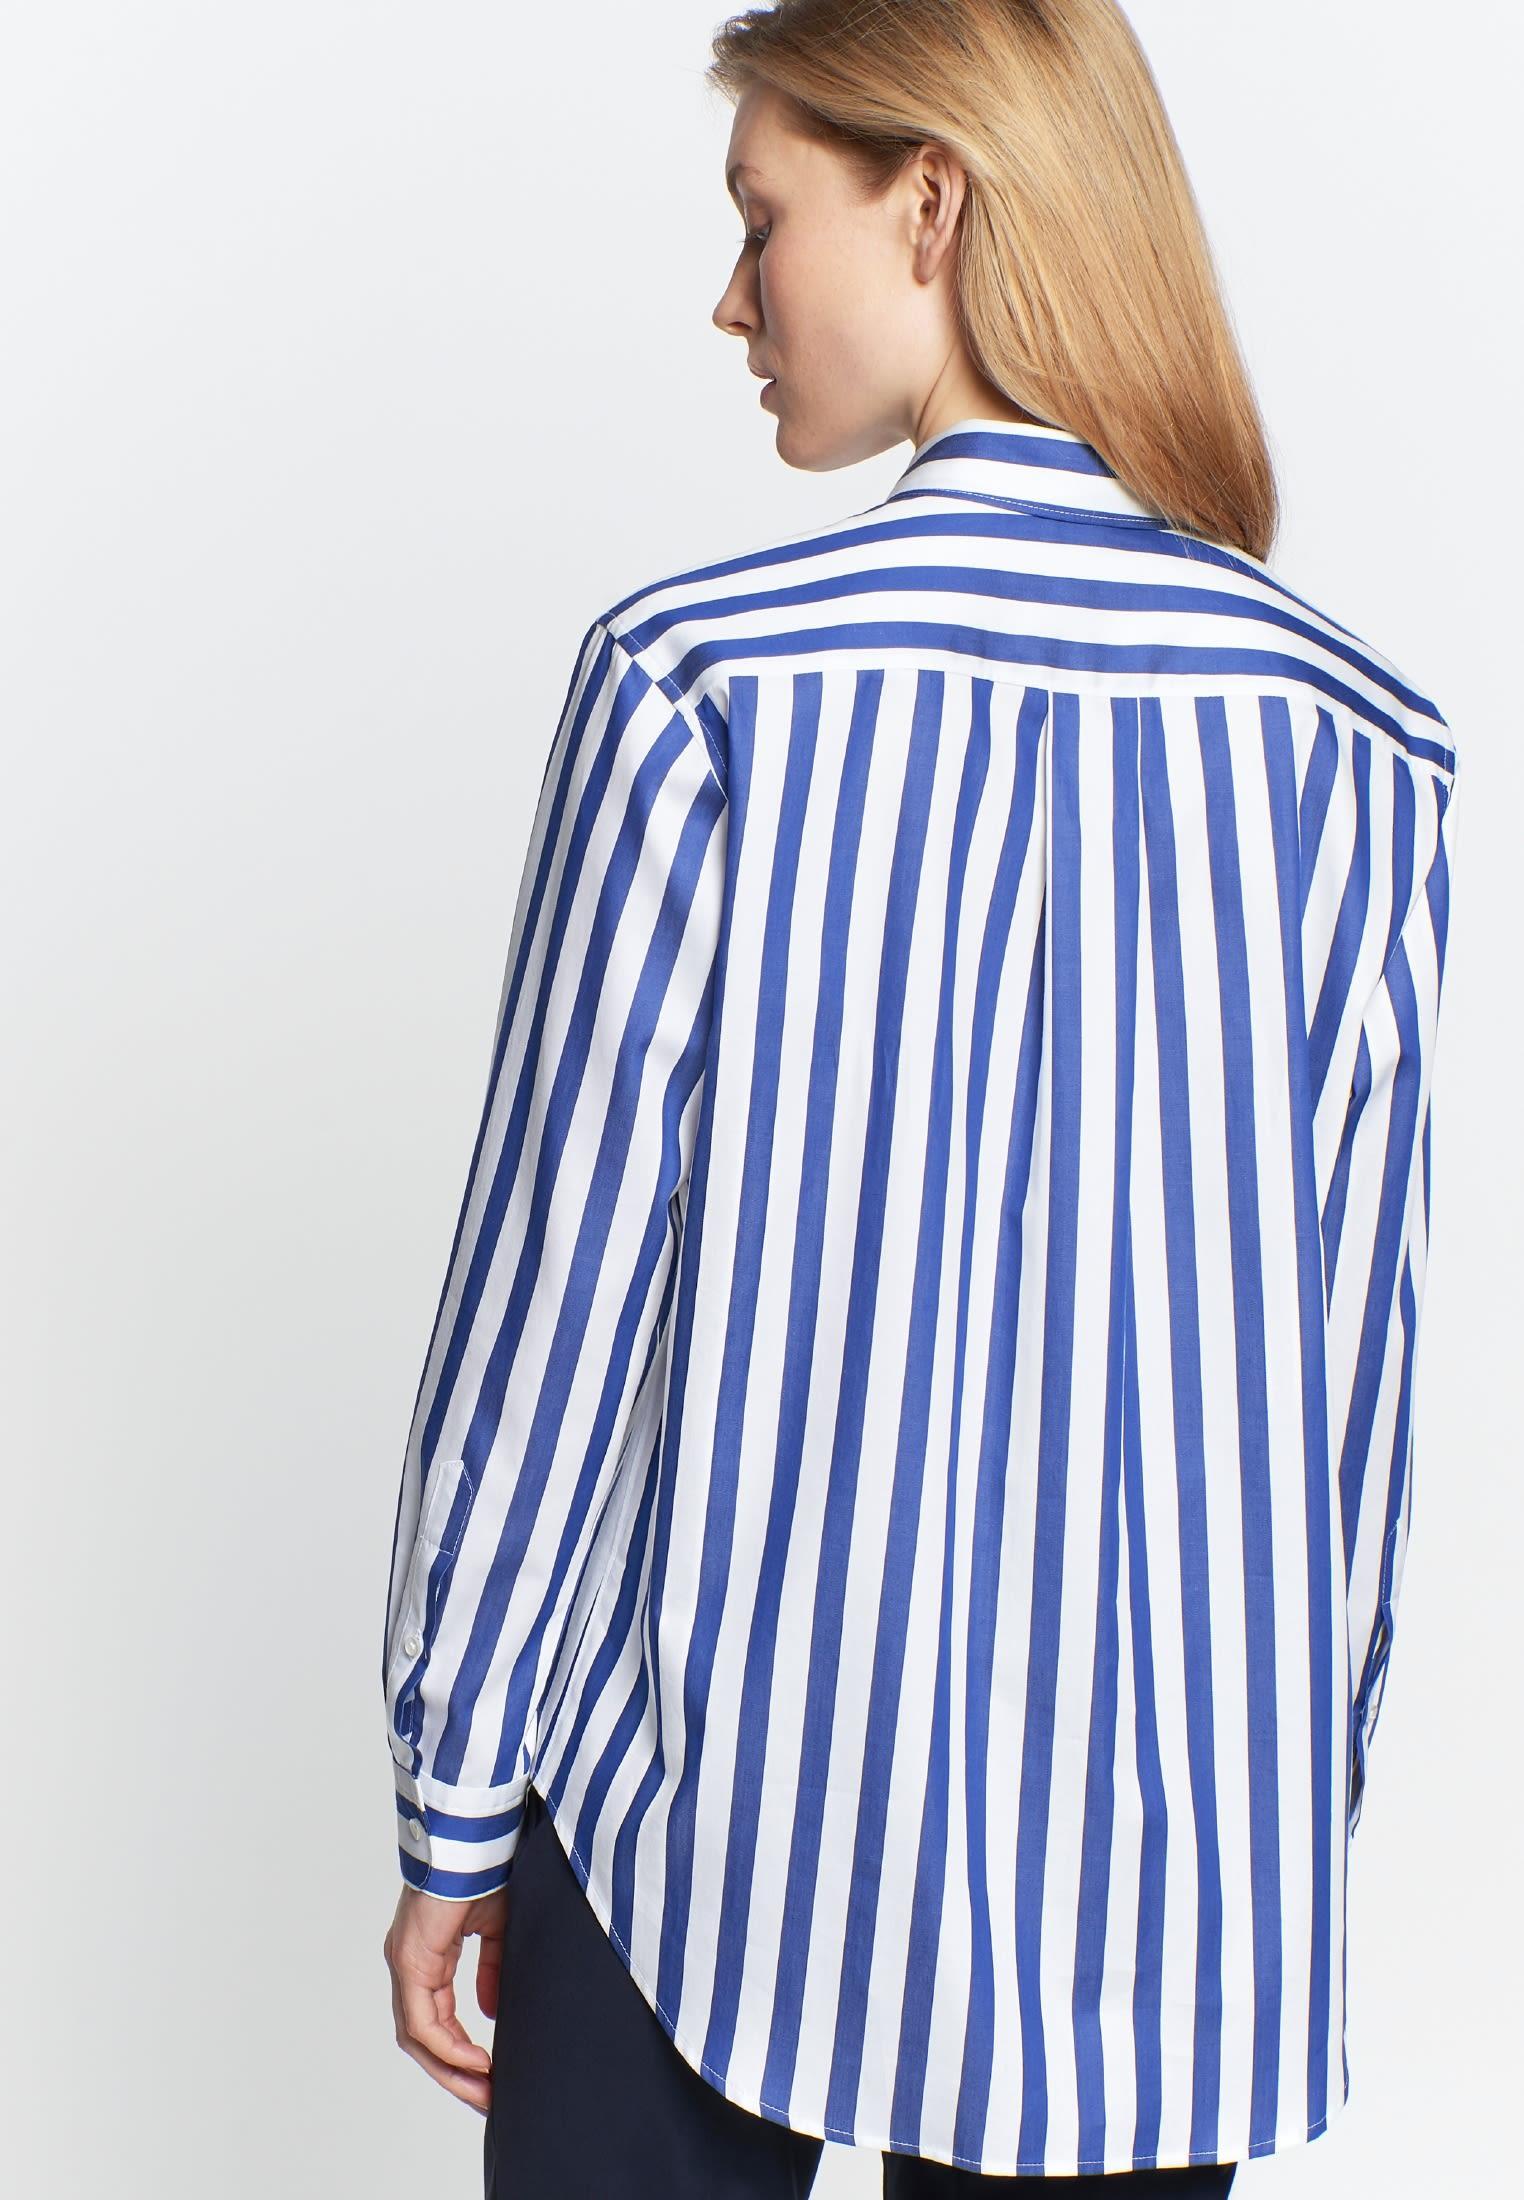 Satin Shirt Blouse made of 100% Cotton in blau |  Seidensticker Onlineshop